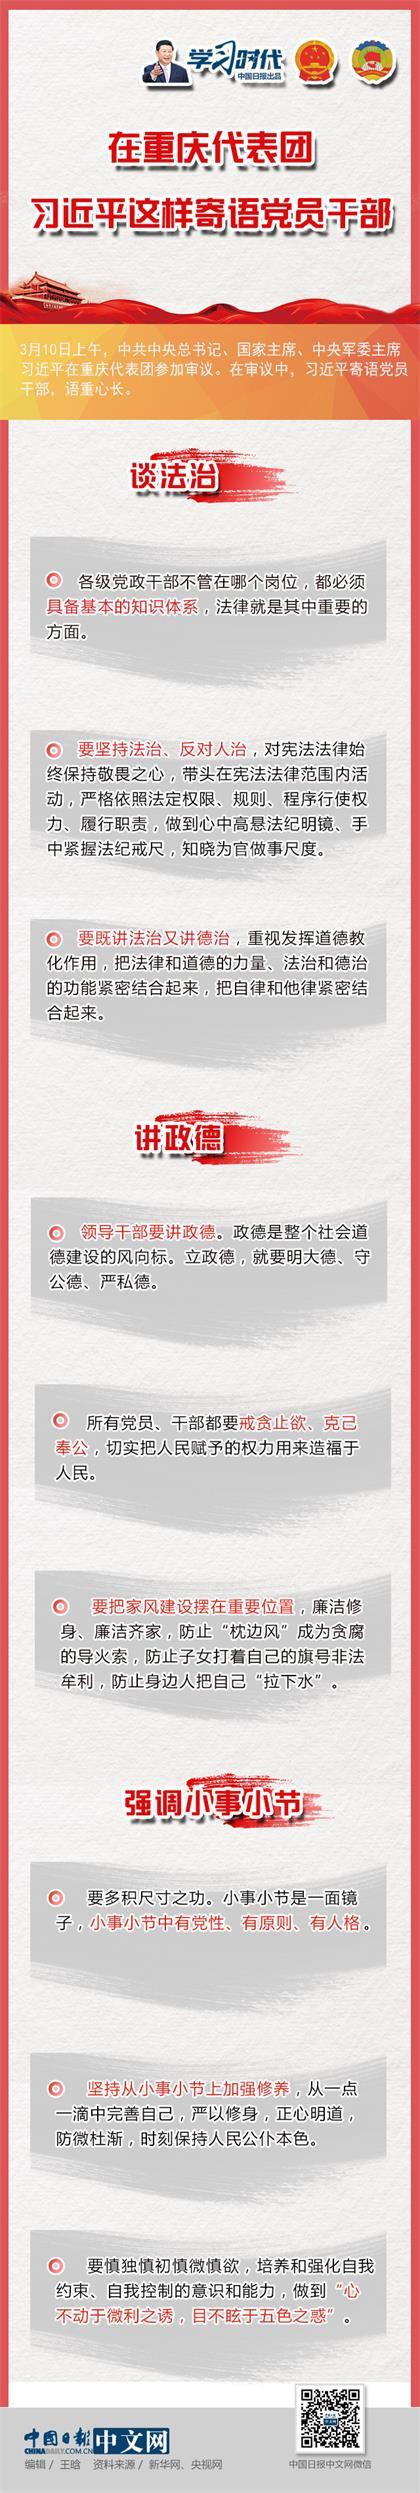 在重庆代表团,习近平这样寄语党员干部